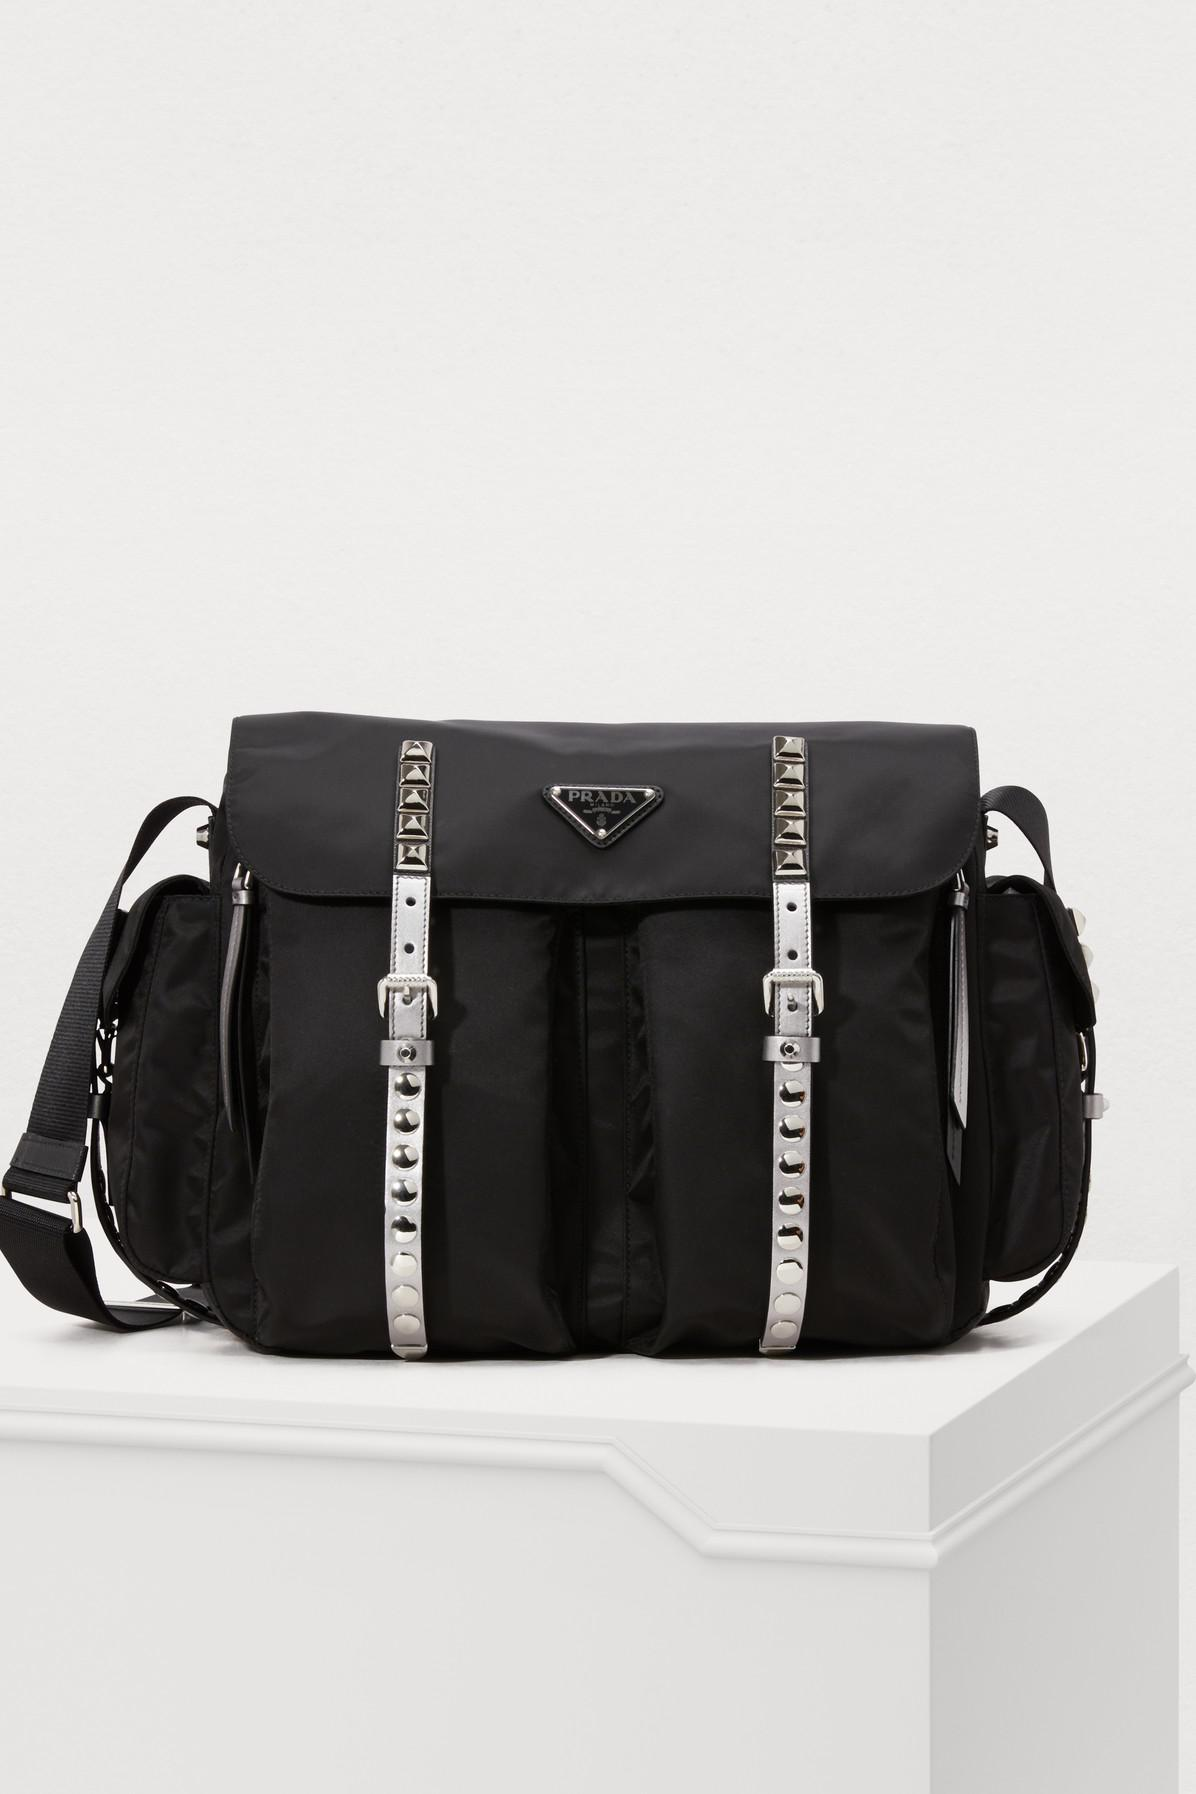 320dcb687c84 Prada Nylon Messenger Bag in Black - Lyst